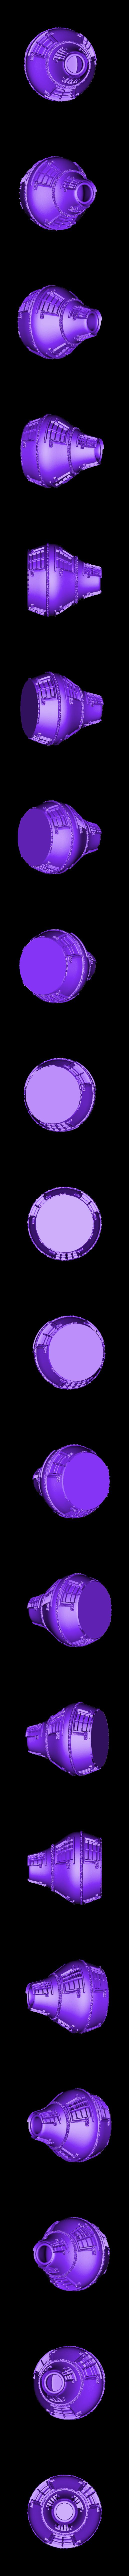 vase Maison  .stl Télécharger fichier STL X86 Mini vase collection  • Objet imprimable en 3D, motek